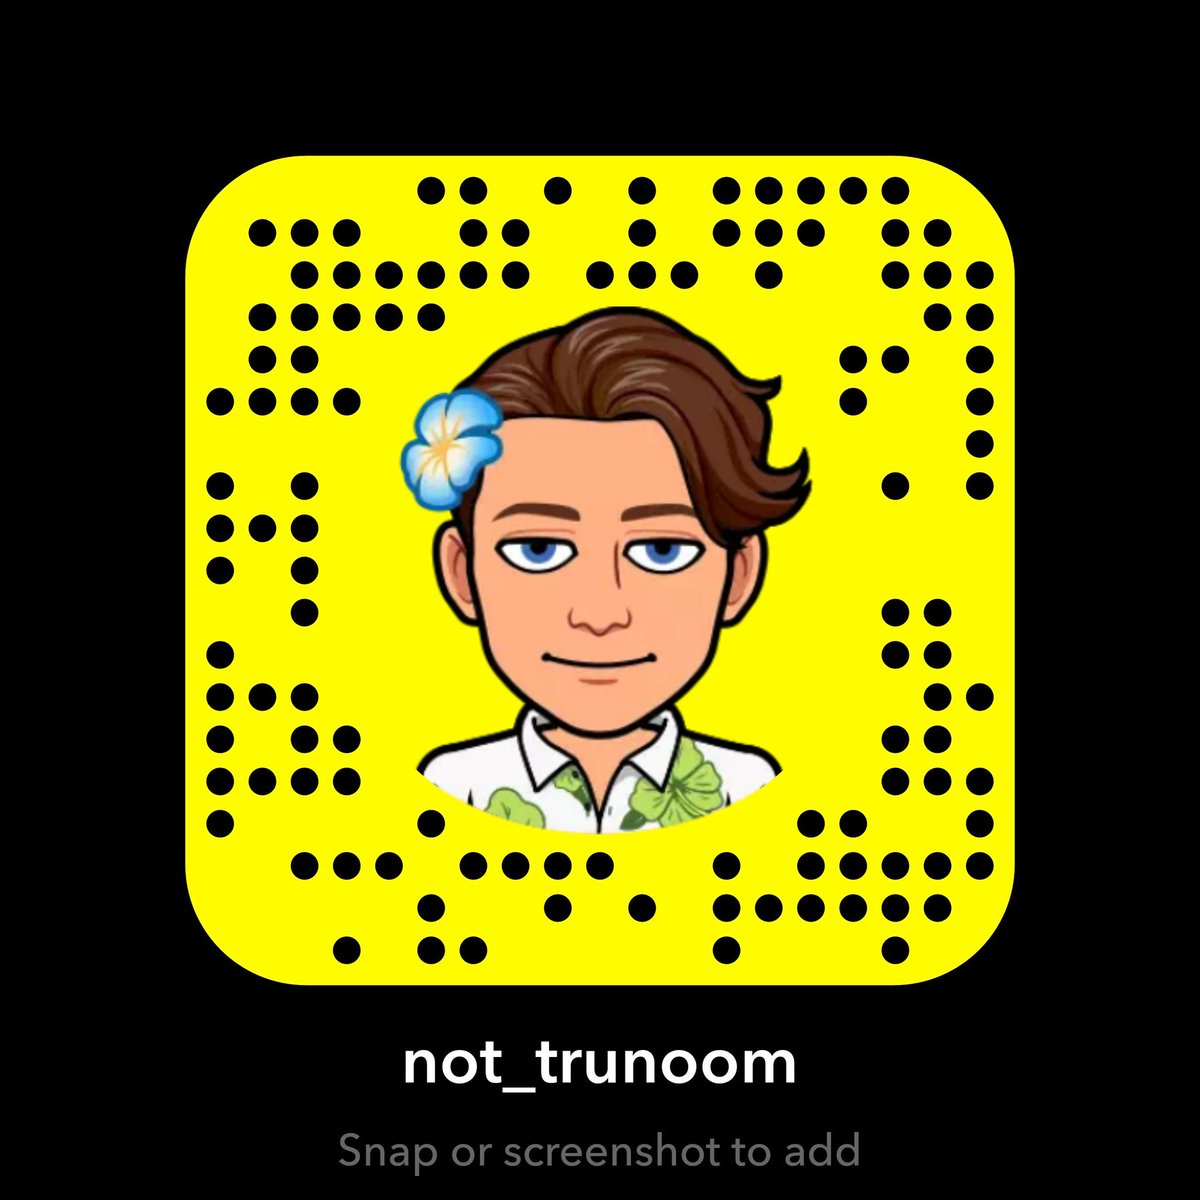 Snapchat Snapchat.so nude photos 2019